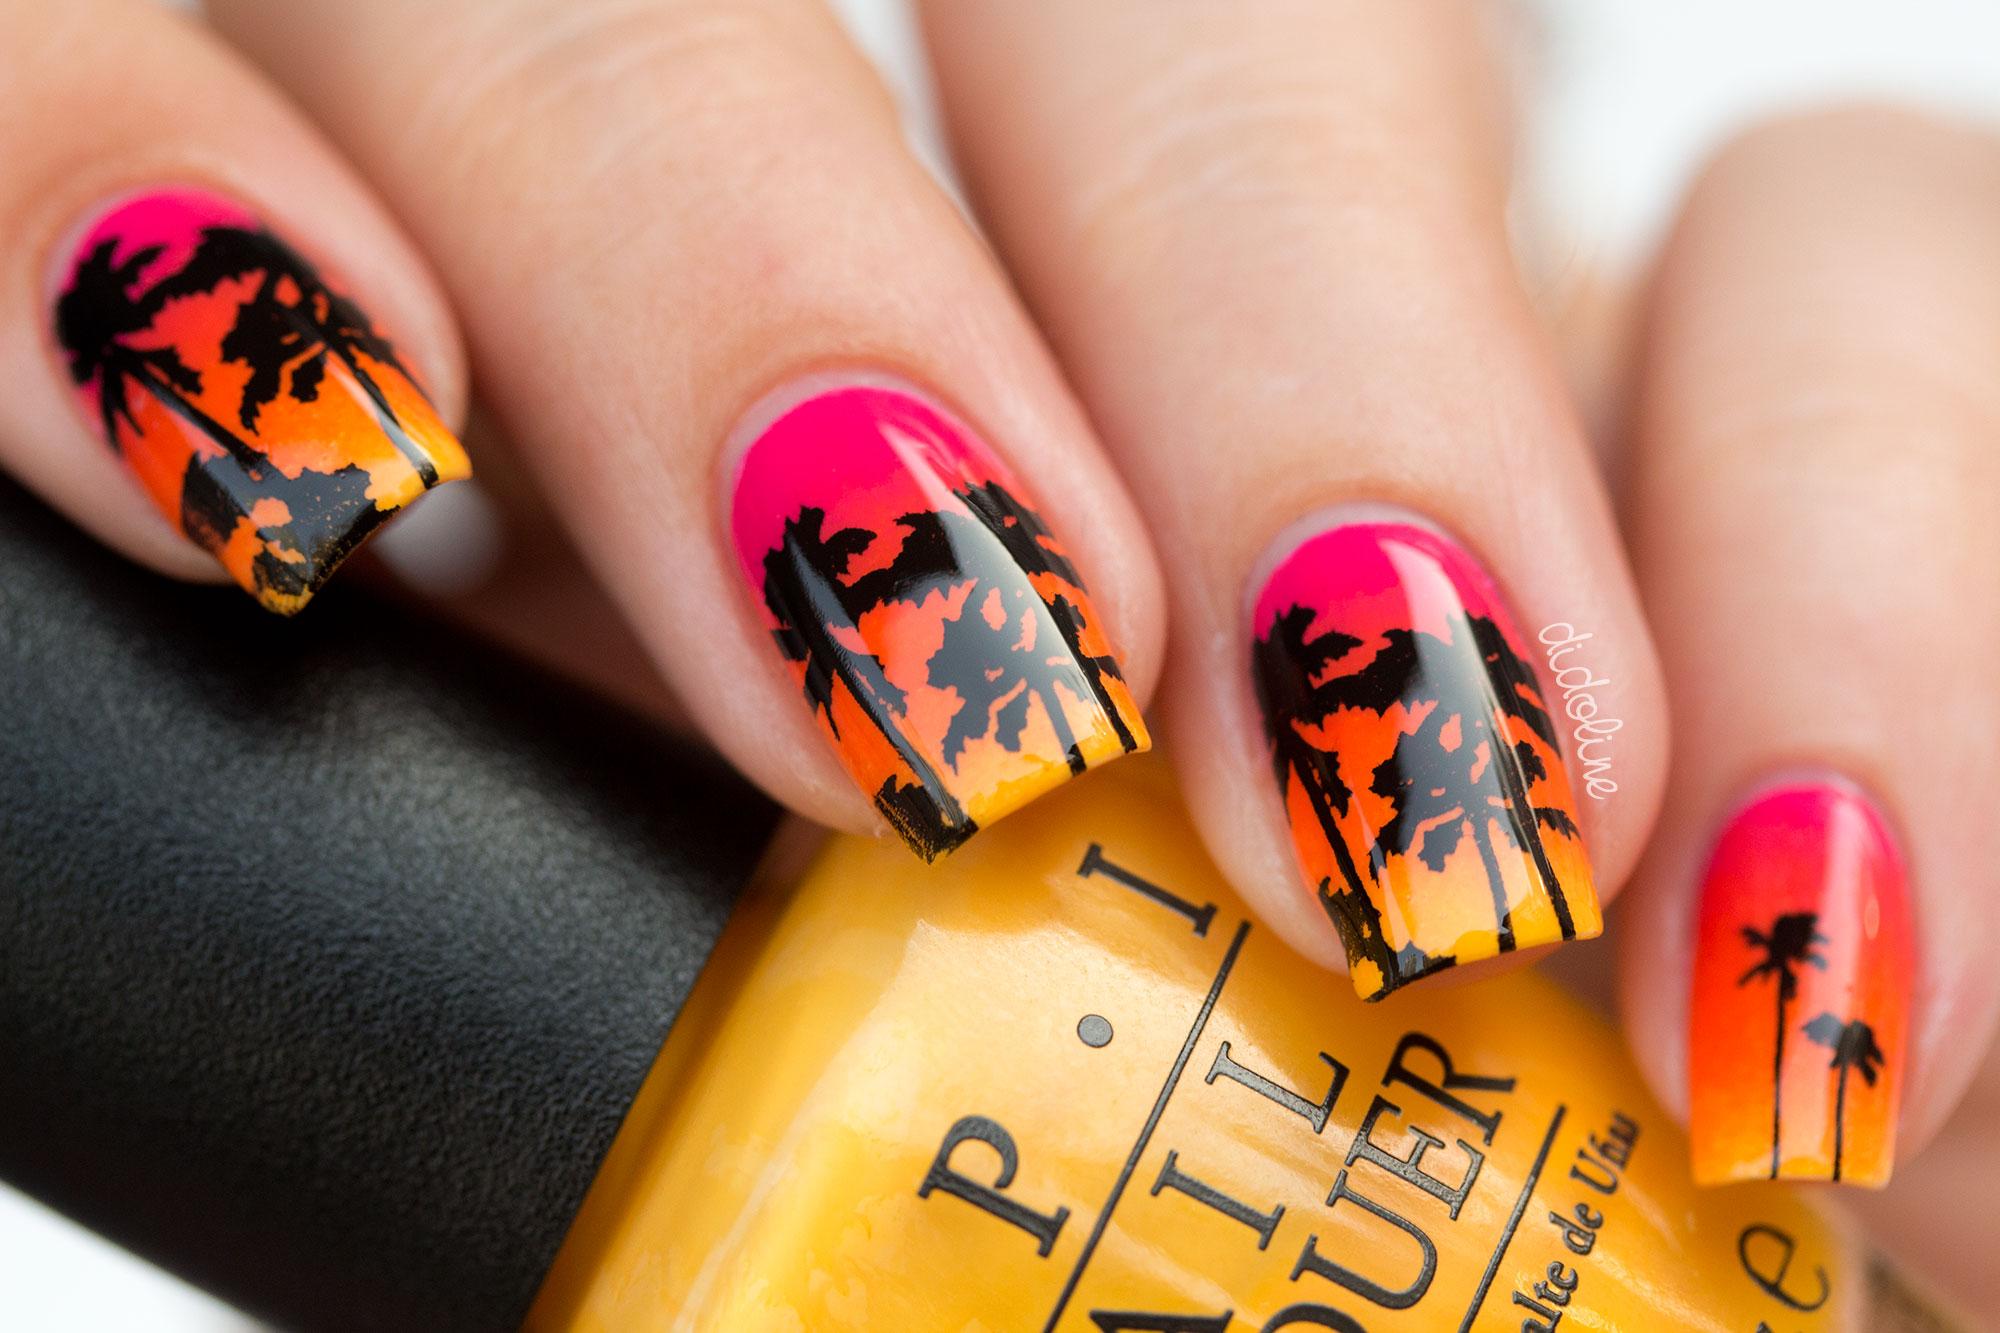 25 Acrylic Nail Designs